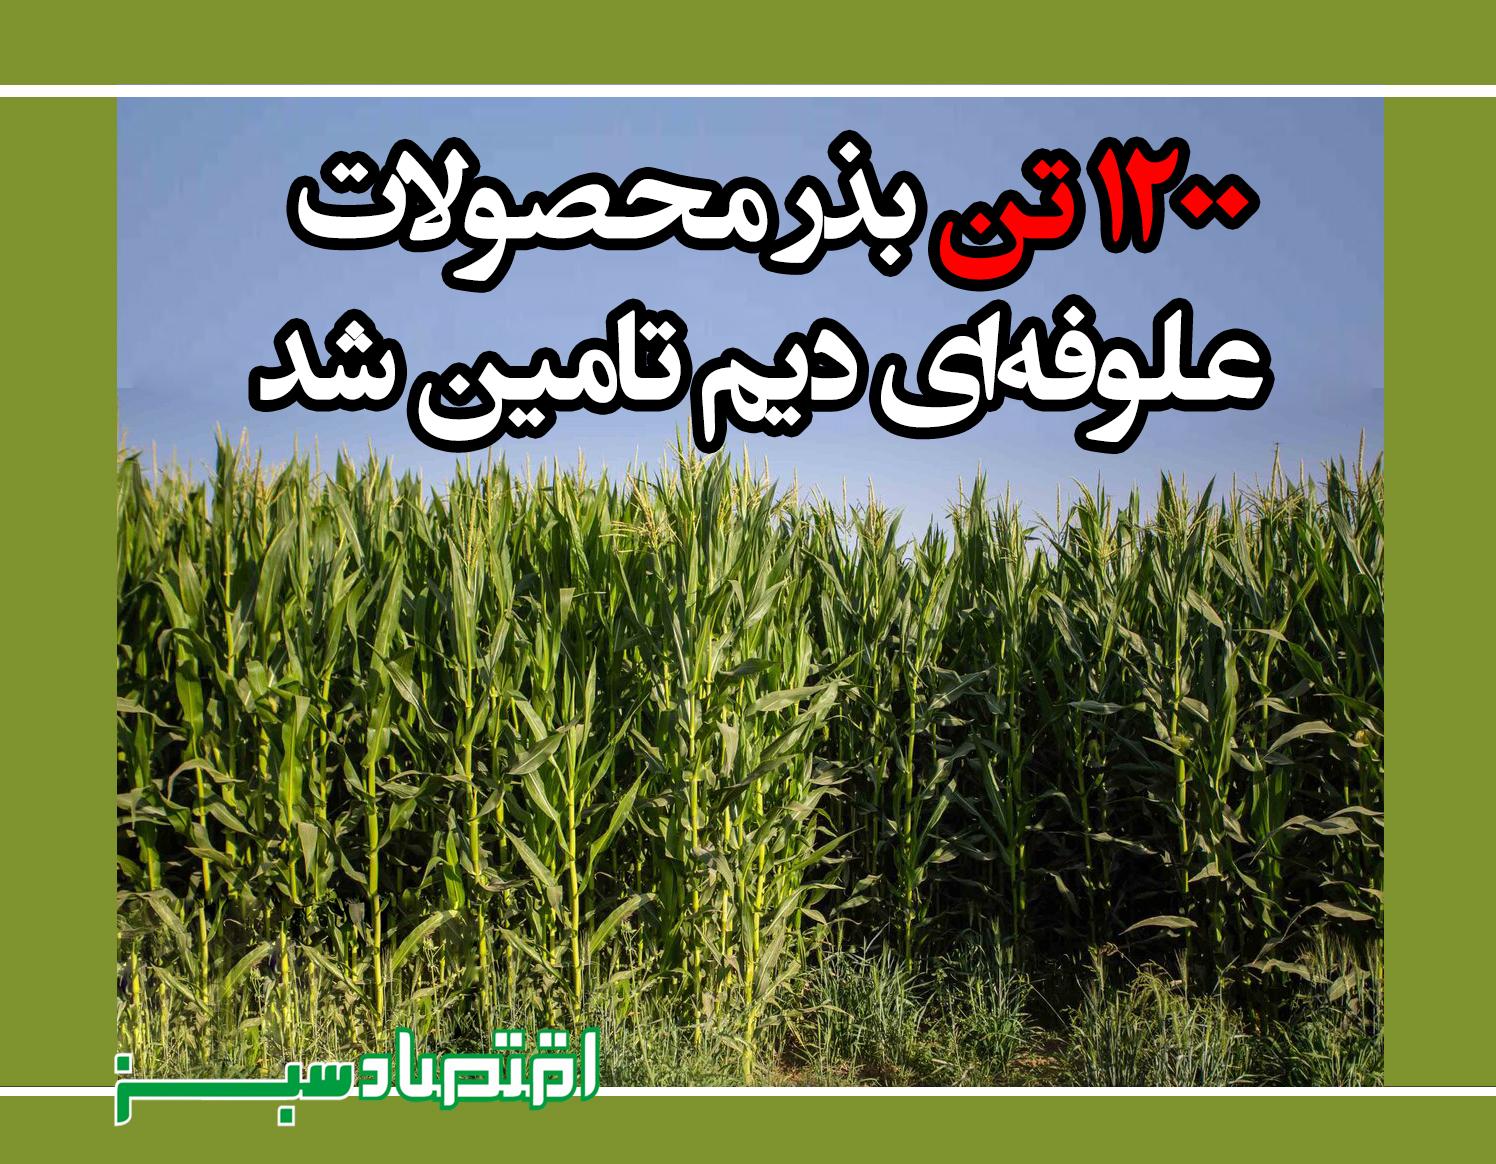 ۱۲۰۰ تن بذر محصولات علوفهای دیم تامین شد